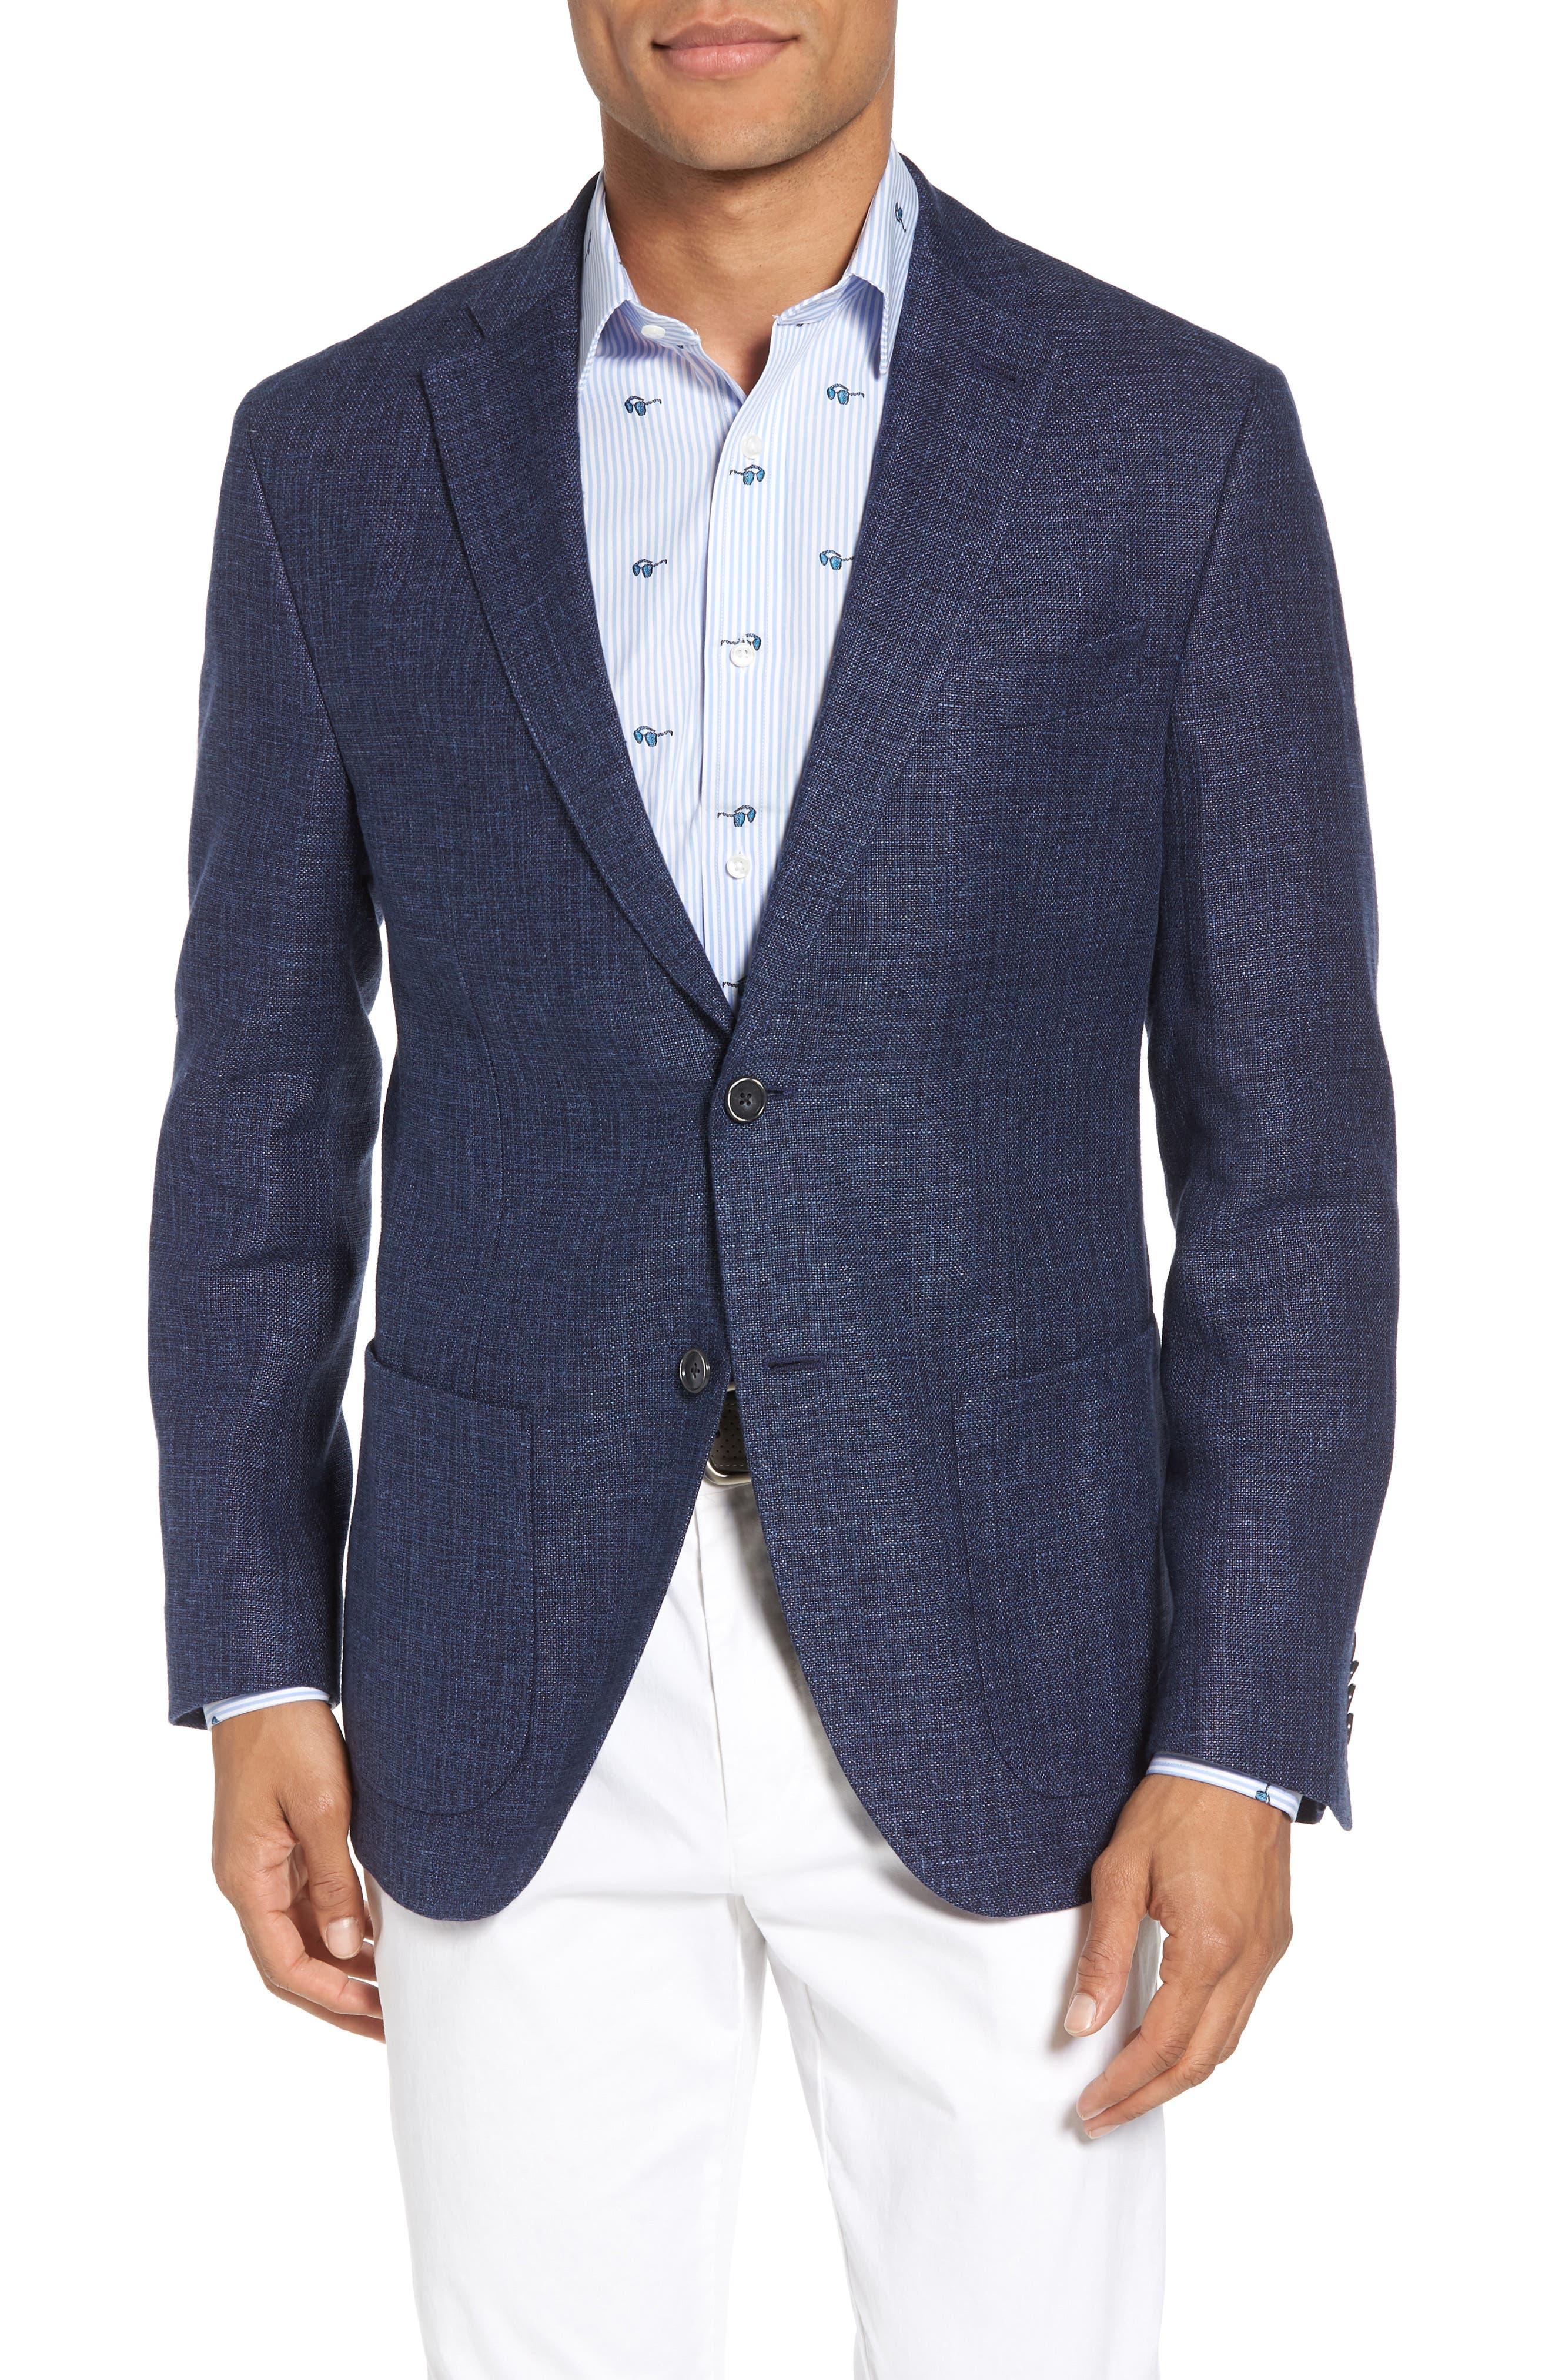 Trent Trim Fit Wool & Linen Blazer,                         Main,                         color, 410